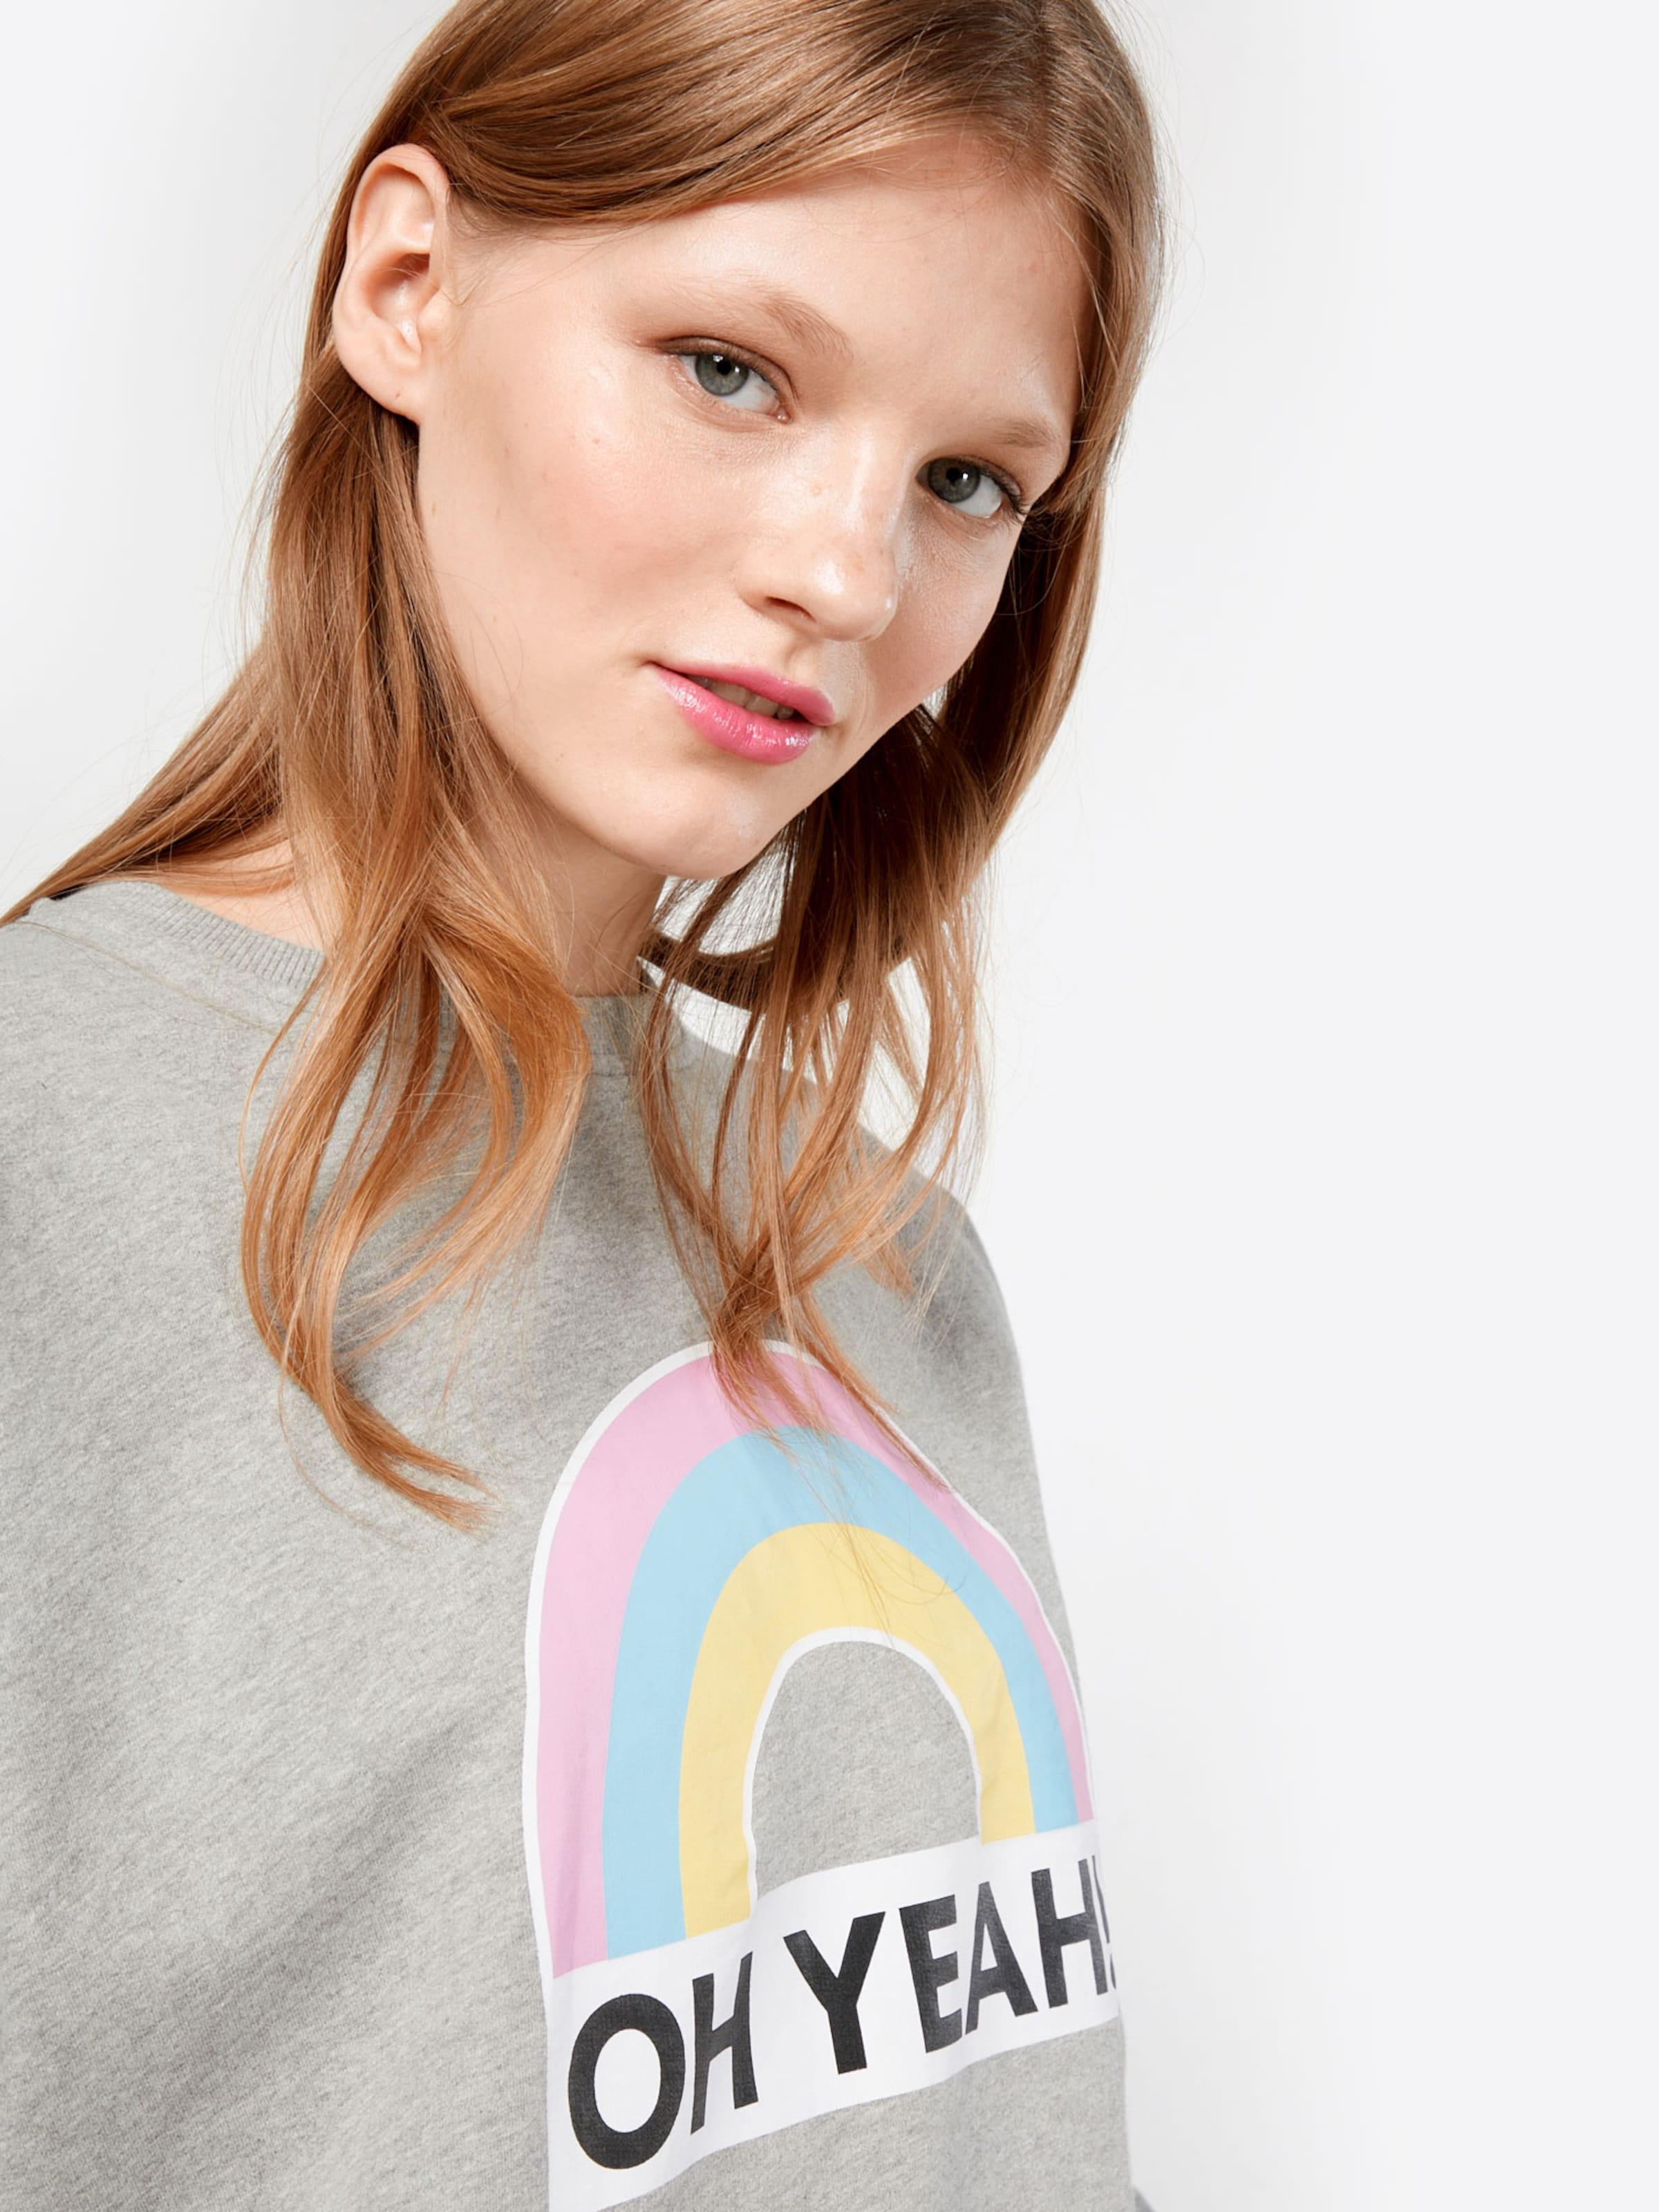 Billig Verkauf Limitierter Auflage Freies Verschiffen Verkauf Oh Yeah! Sweatshirt 'Rainbow V-Shape' Fälschung AEuplt12